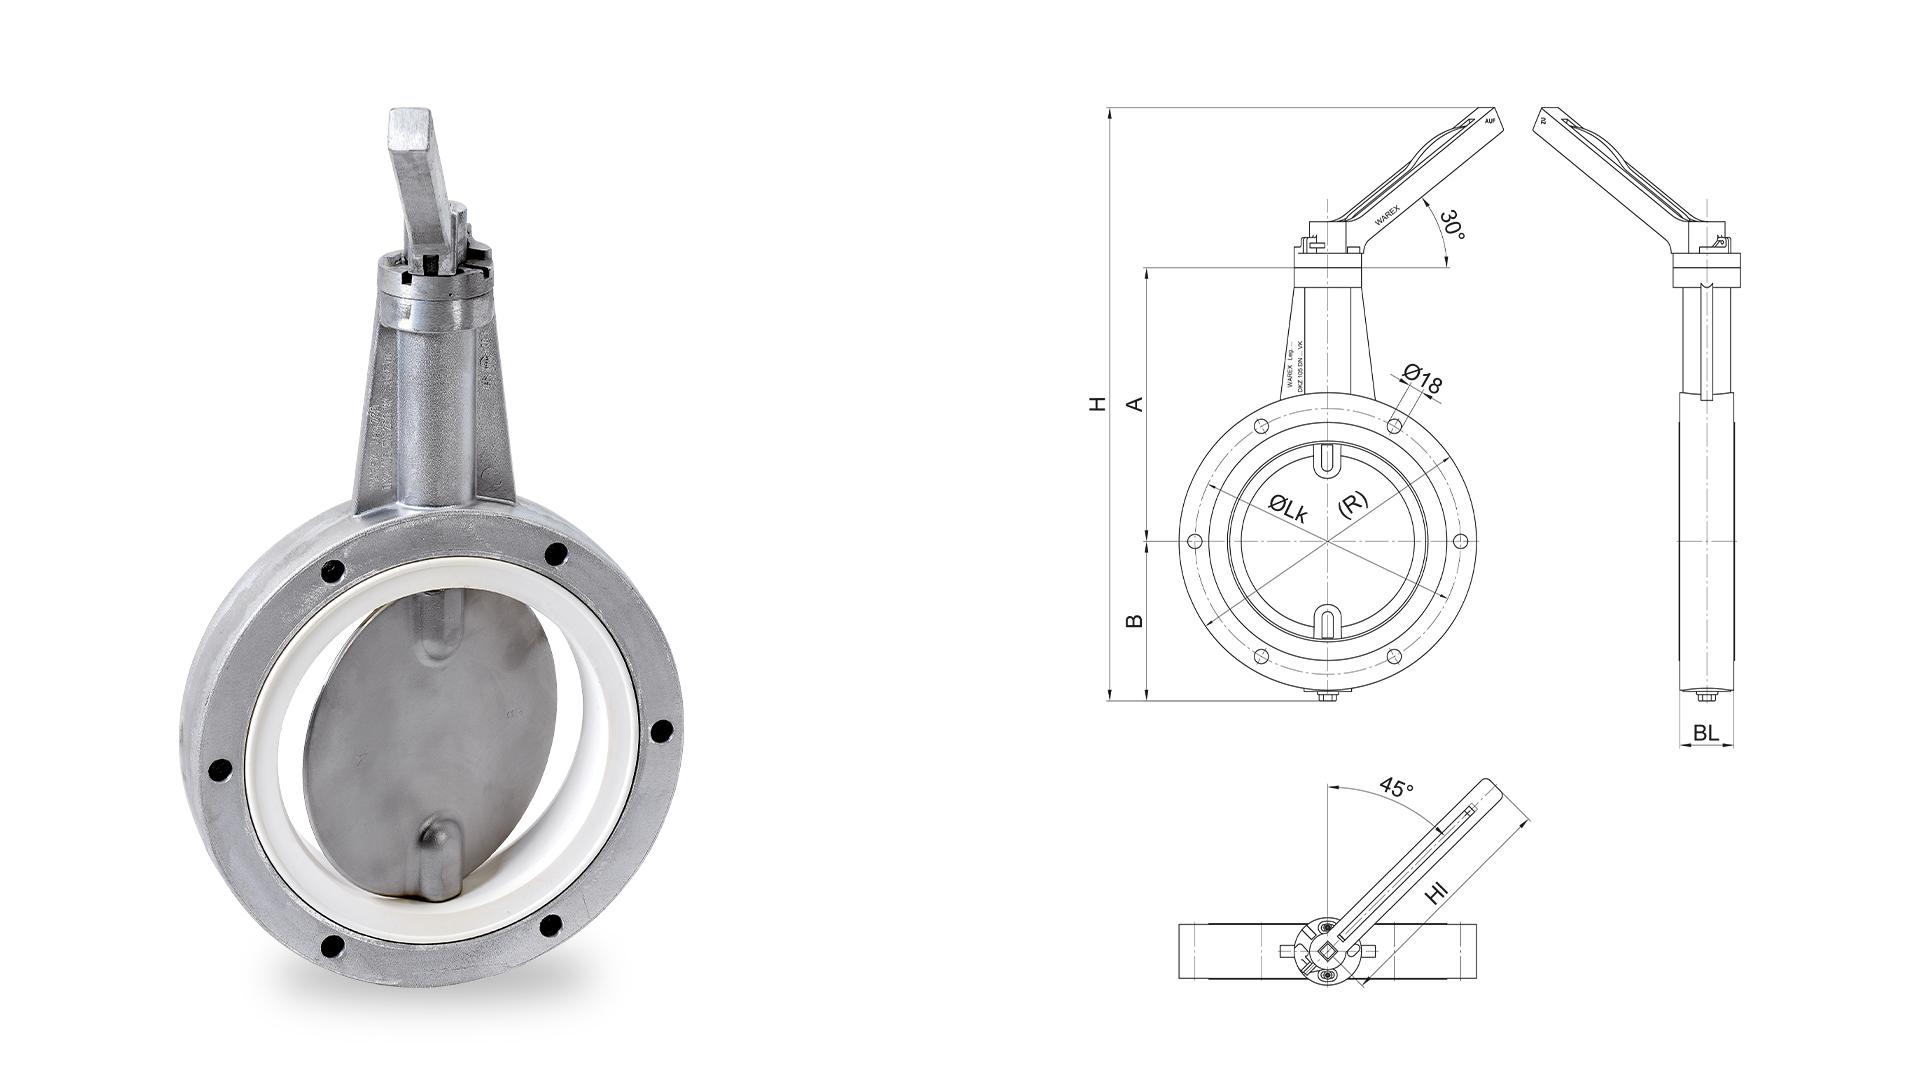 DKZ 105 - Warex Valve GmbH